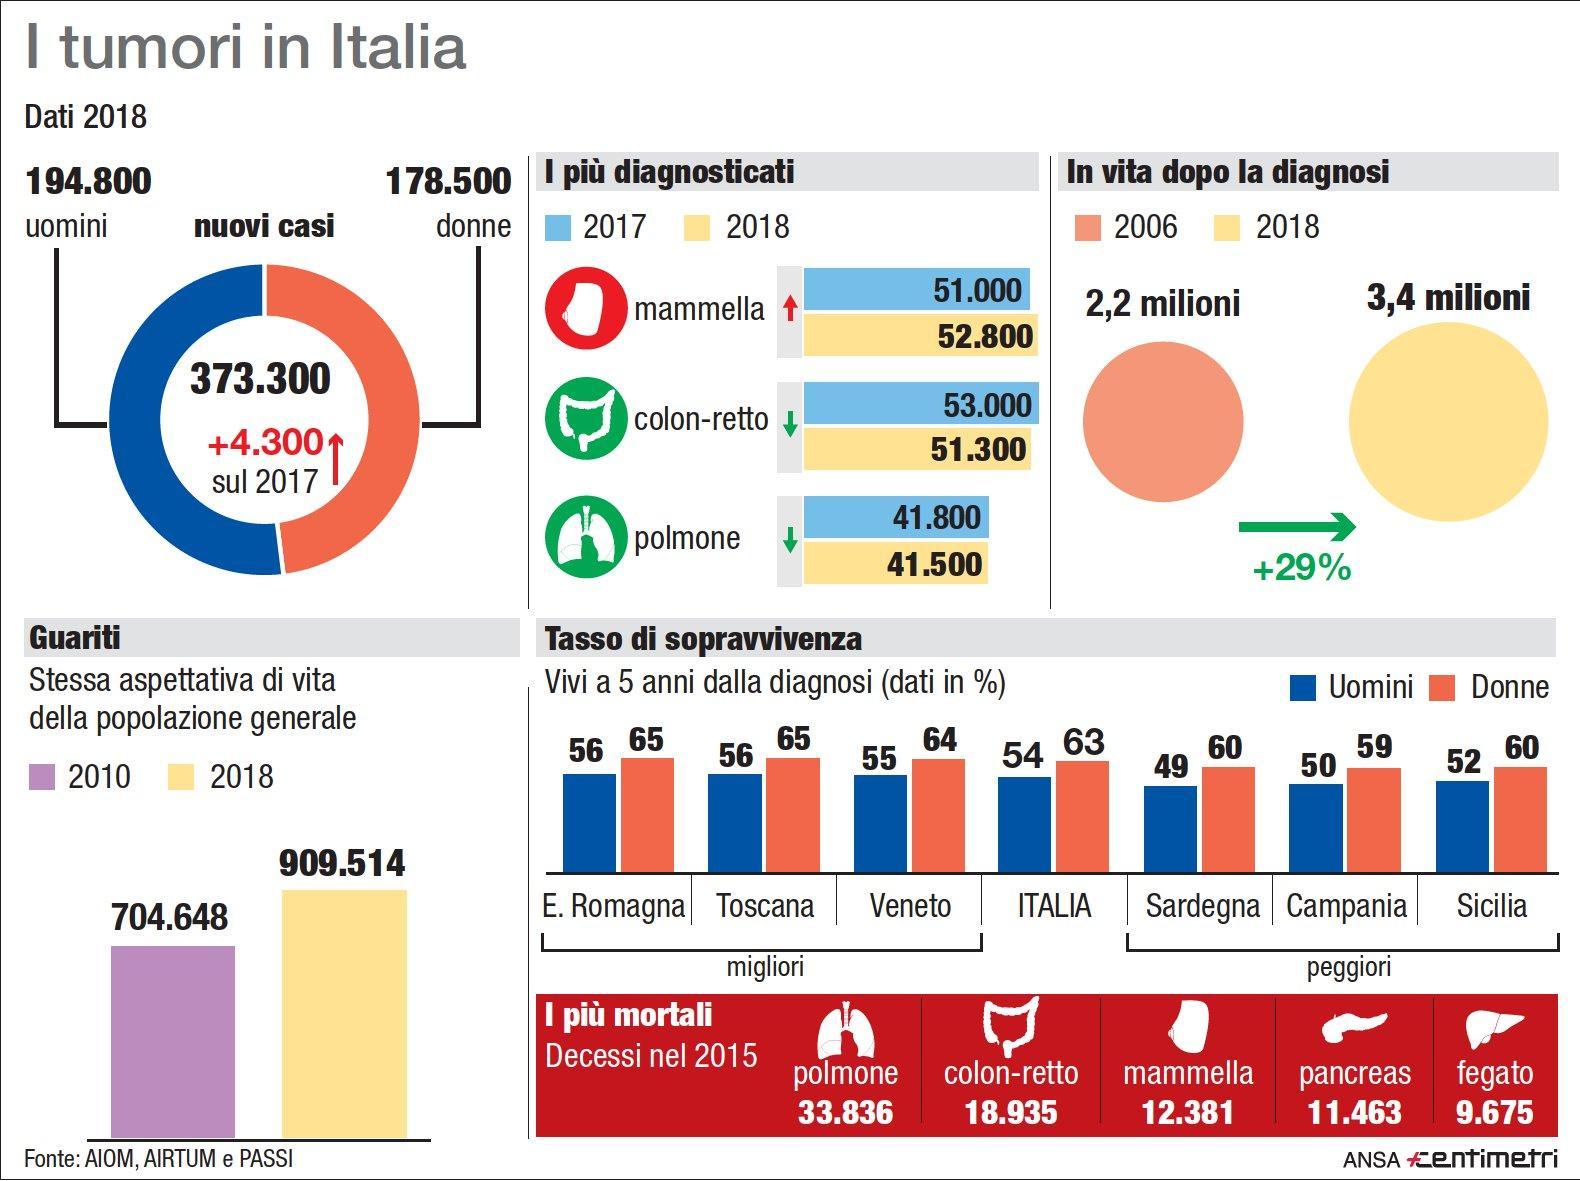 Tumori in Italia, i dati degli ultimi anni